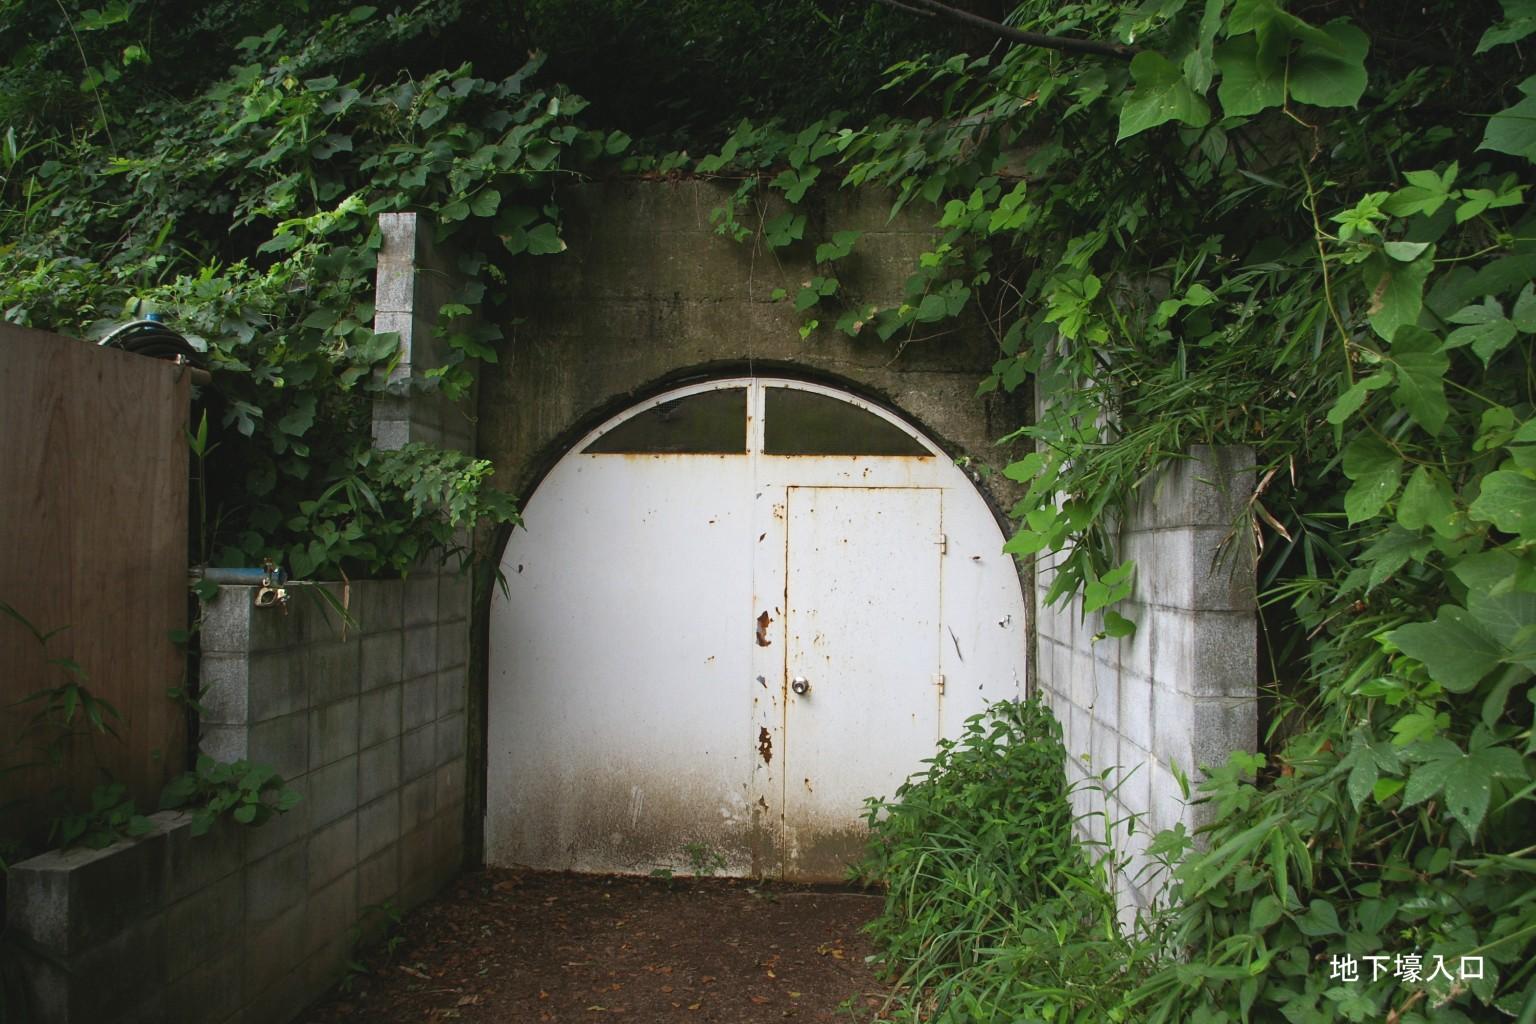 地下壕入り口[1]